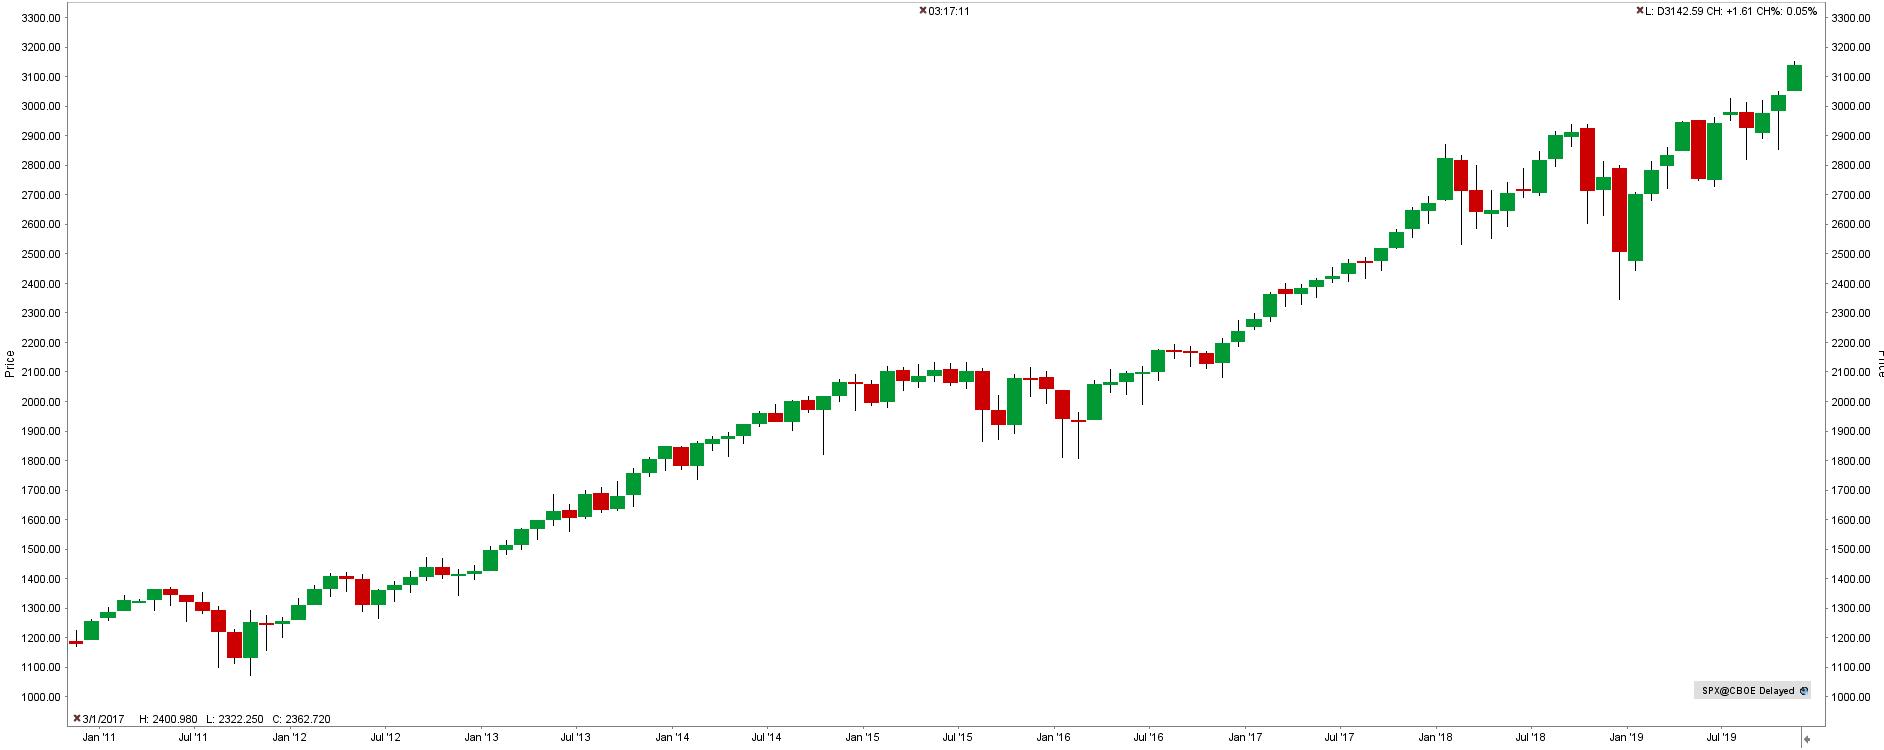 S&P 500 index graf